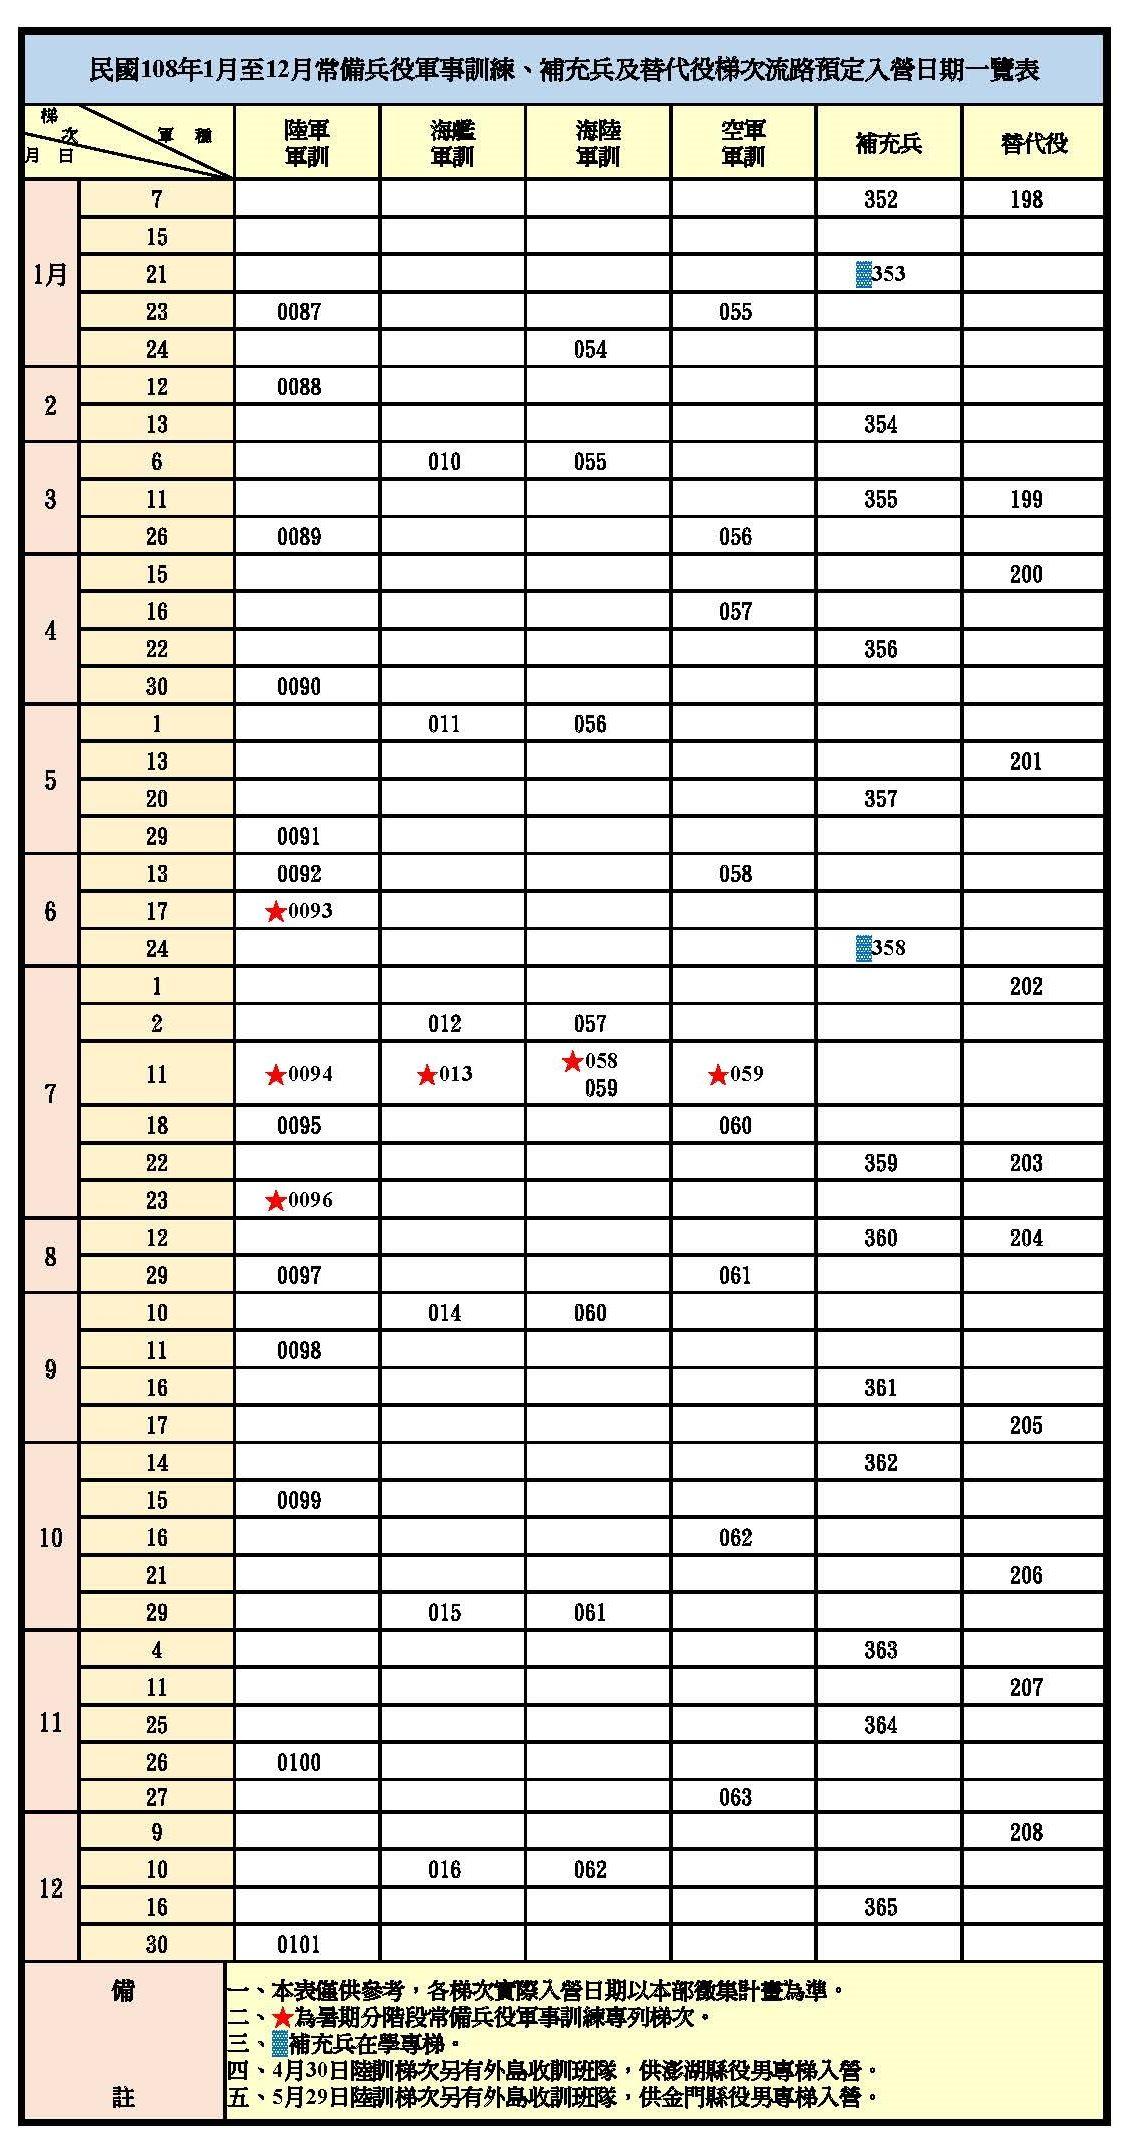 民國108年1月至12月常備兵役軍事訓練、補充兵及替代役梯次流路預定入營日期一覽表